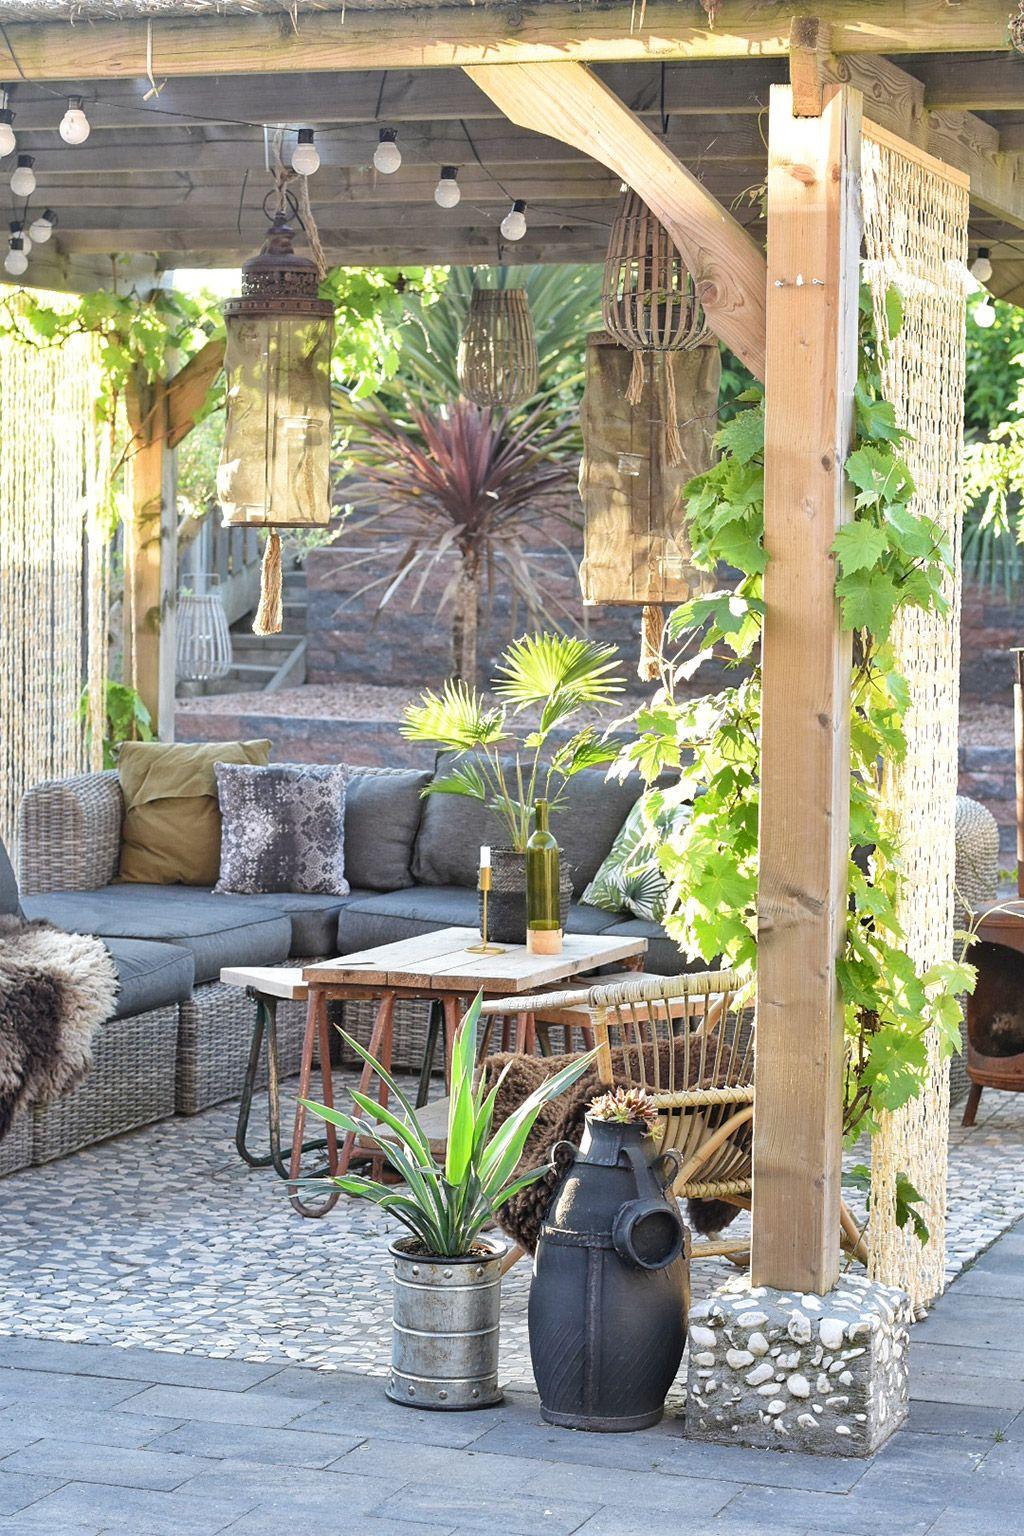 Buitenkijker: Op vakantie in eigen tuin - Stek Woon & Lifestyle Magazine